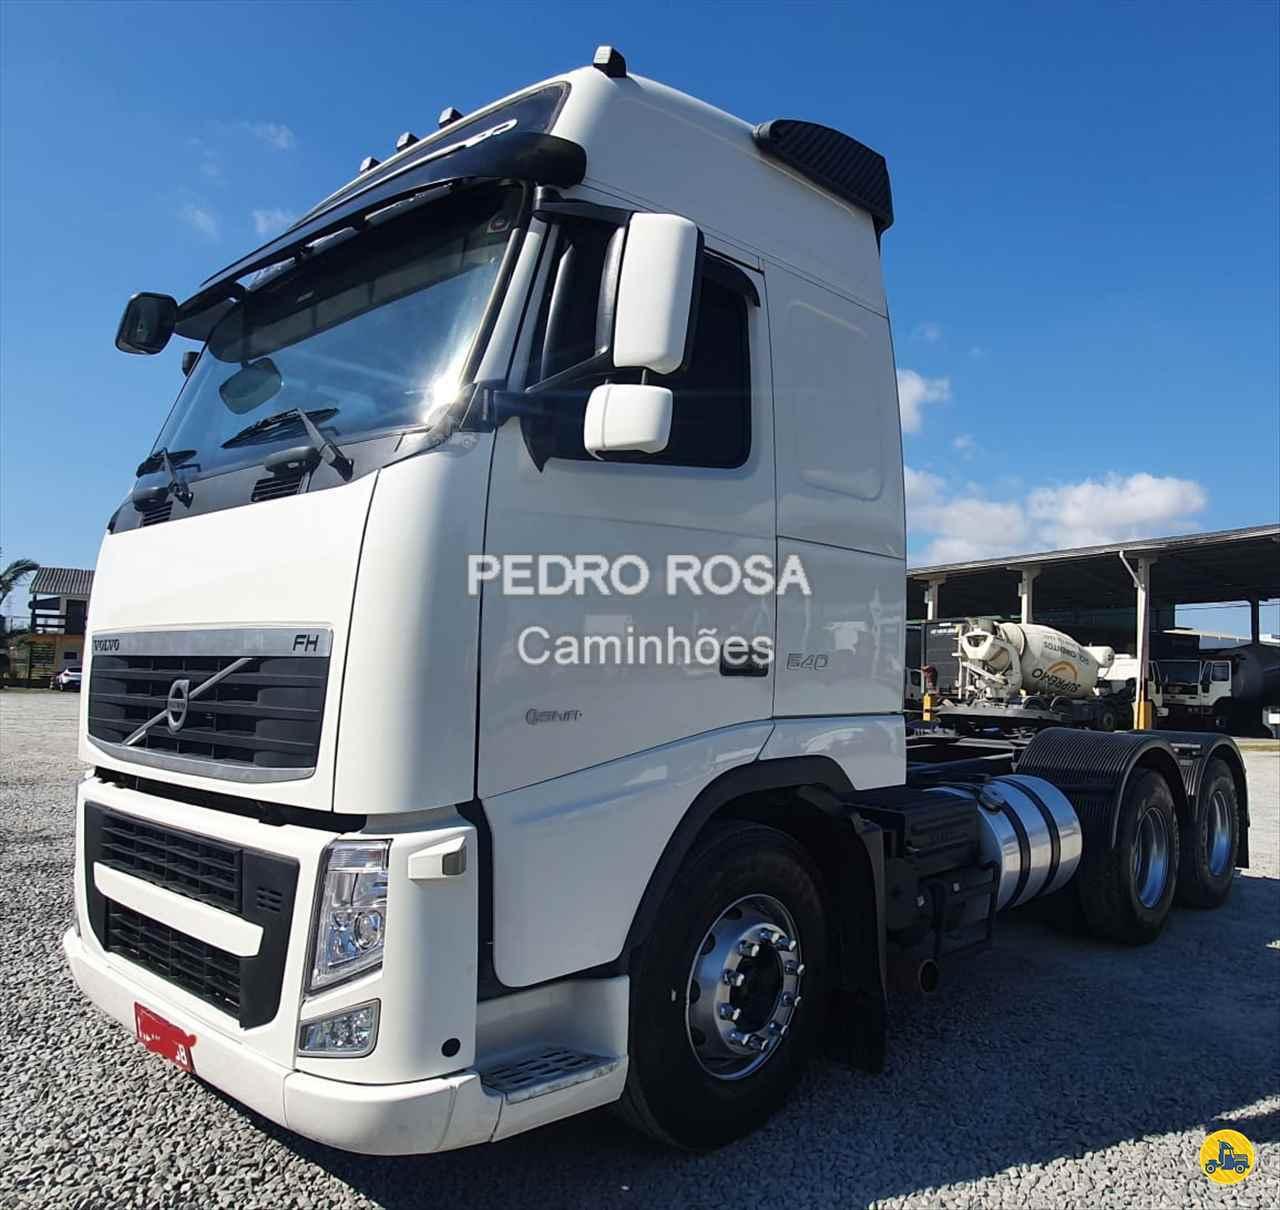 CAMINHAO VOLVO VOLVO FH 540 Cavalo Mecânico Traçado 6x4 Pedro Rosa Caminhões PICARRAS SANTA CATARINA SC